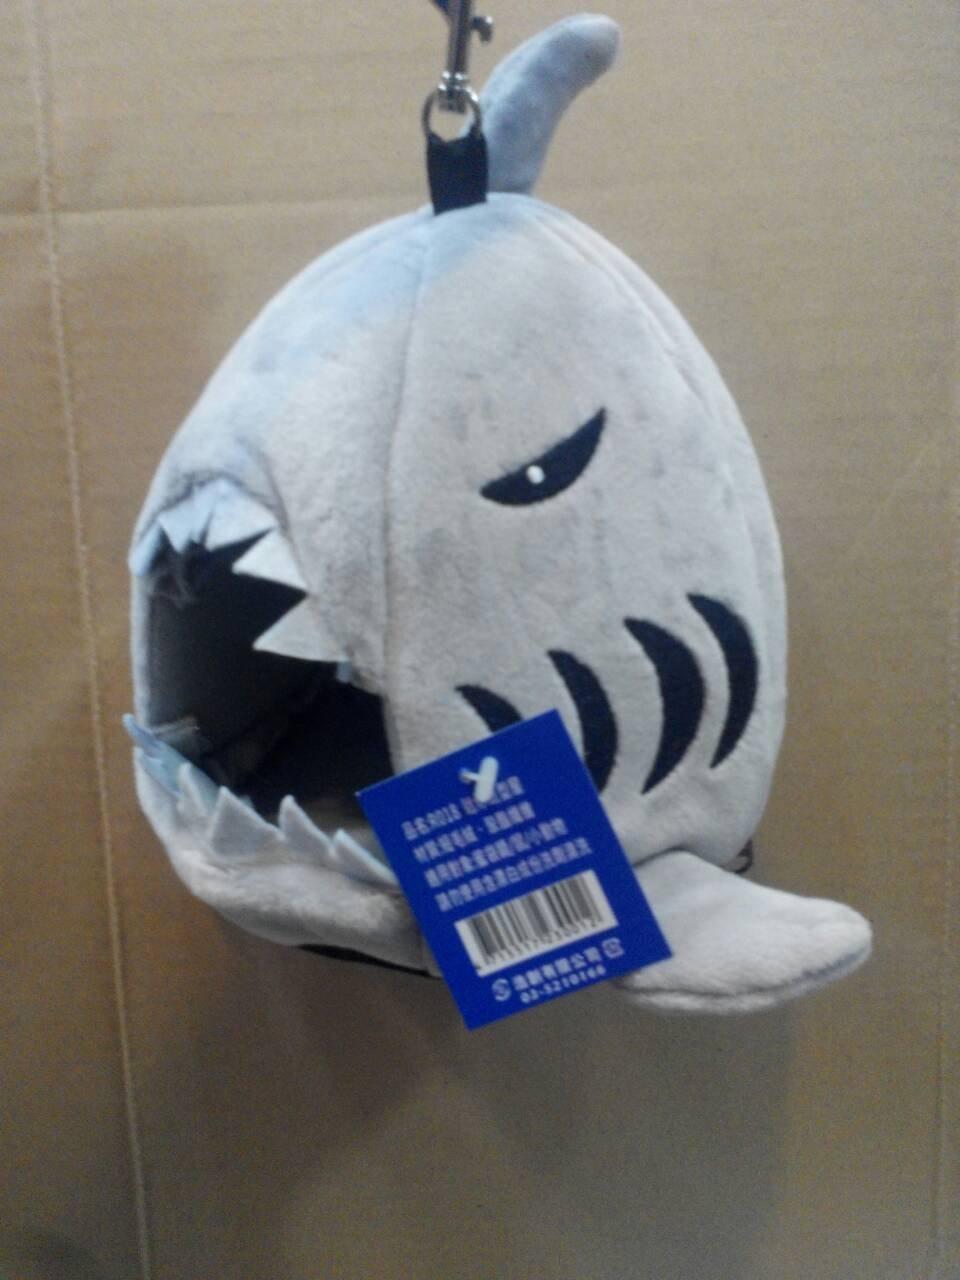 Brandish 蜜袋鼯保暖吊床 小動物棉窩 鯊魚睡窩 寵物鼠睡床 籠掛袋 R018 暖暖絨布窩 400元